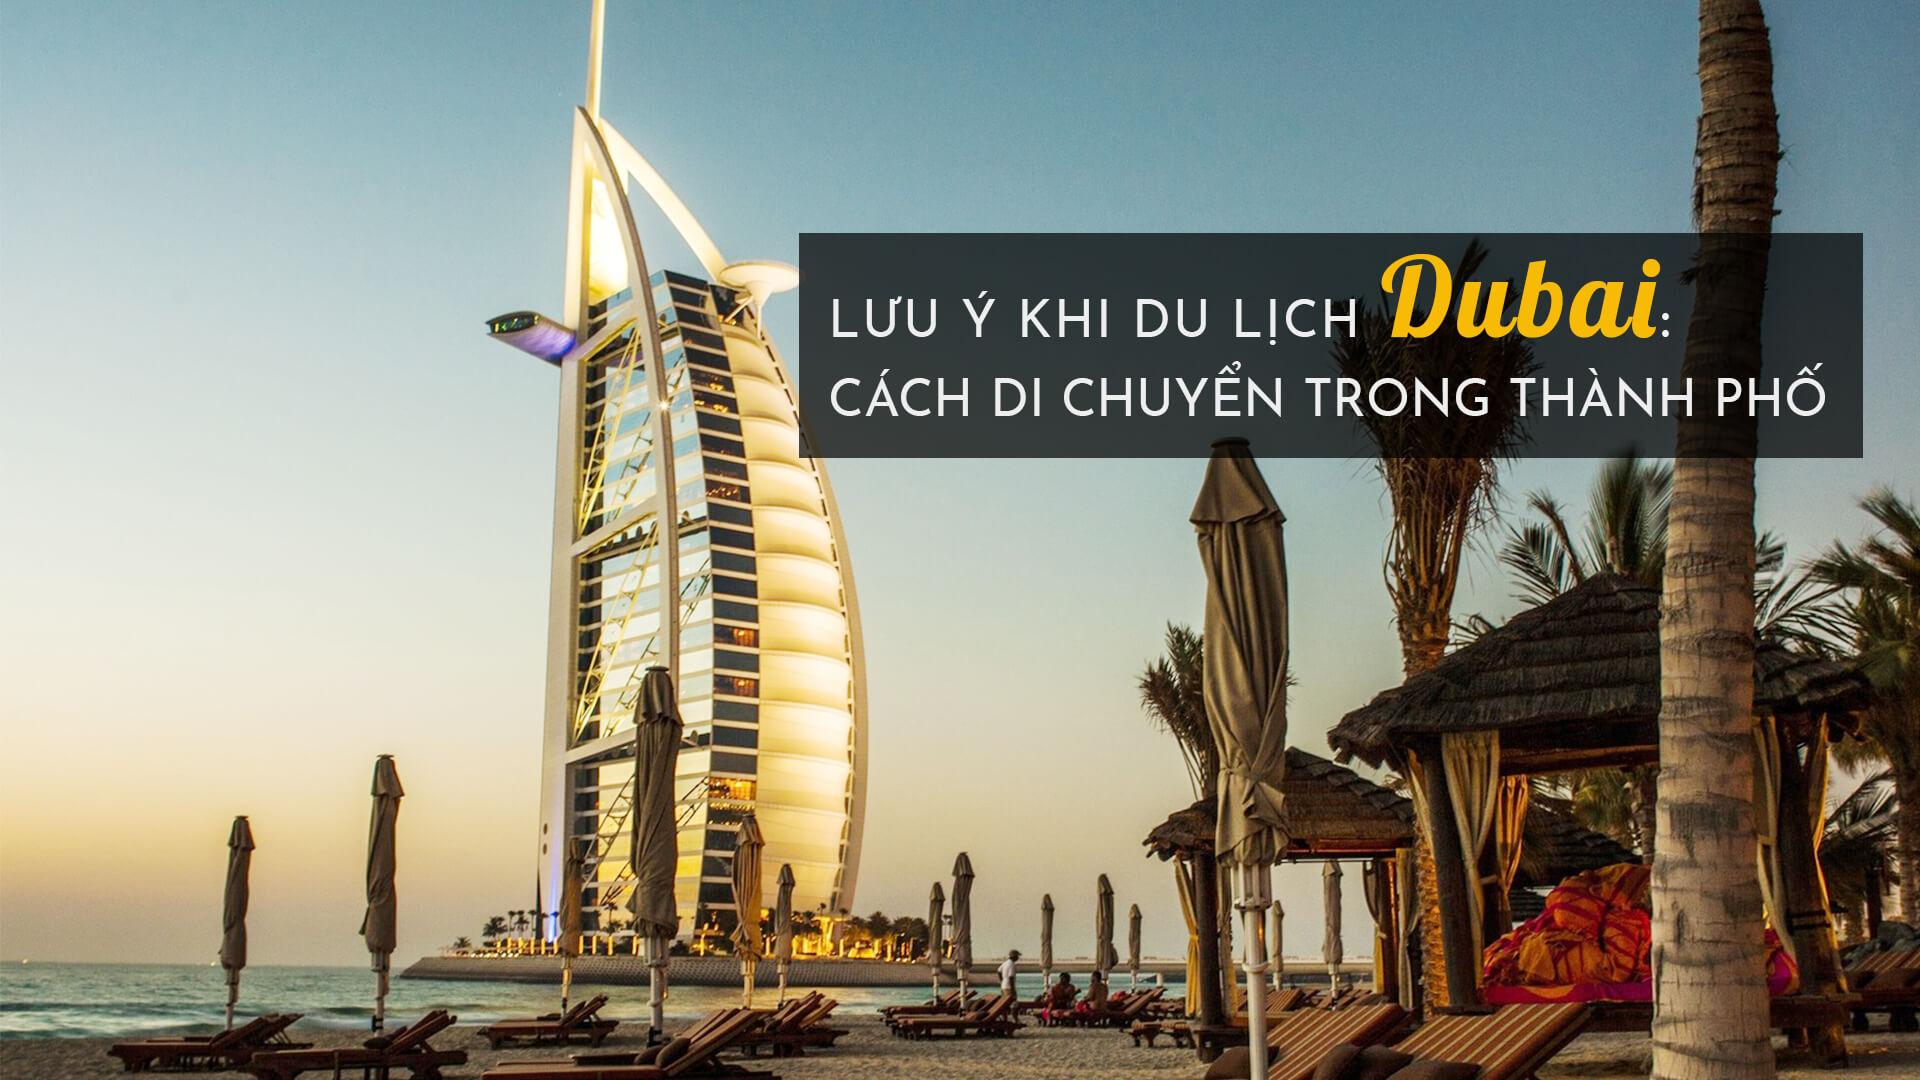 Lưu ý khi du lịch Dubai: cách di chuyển trong thành phố